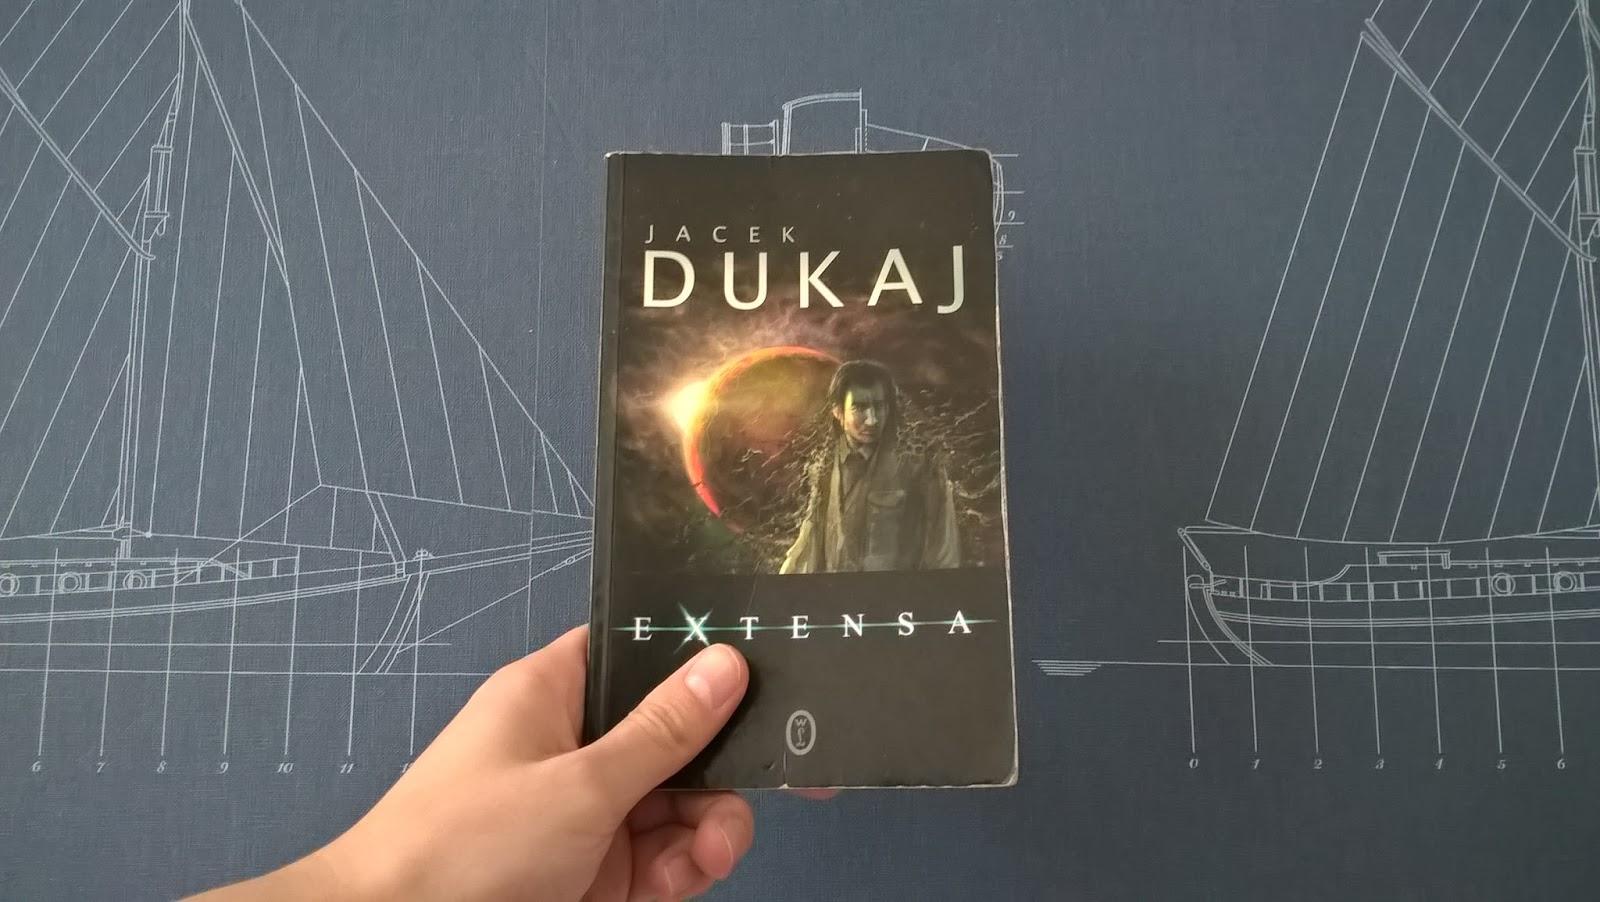 """Recenzja #6 """"Extensa"""" - Jacek Dukaj"""